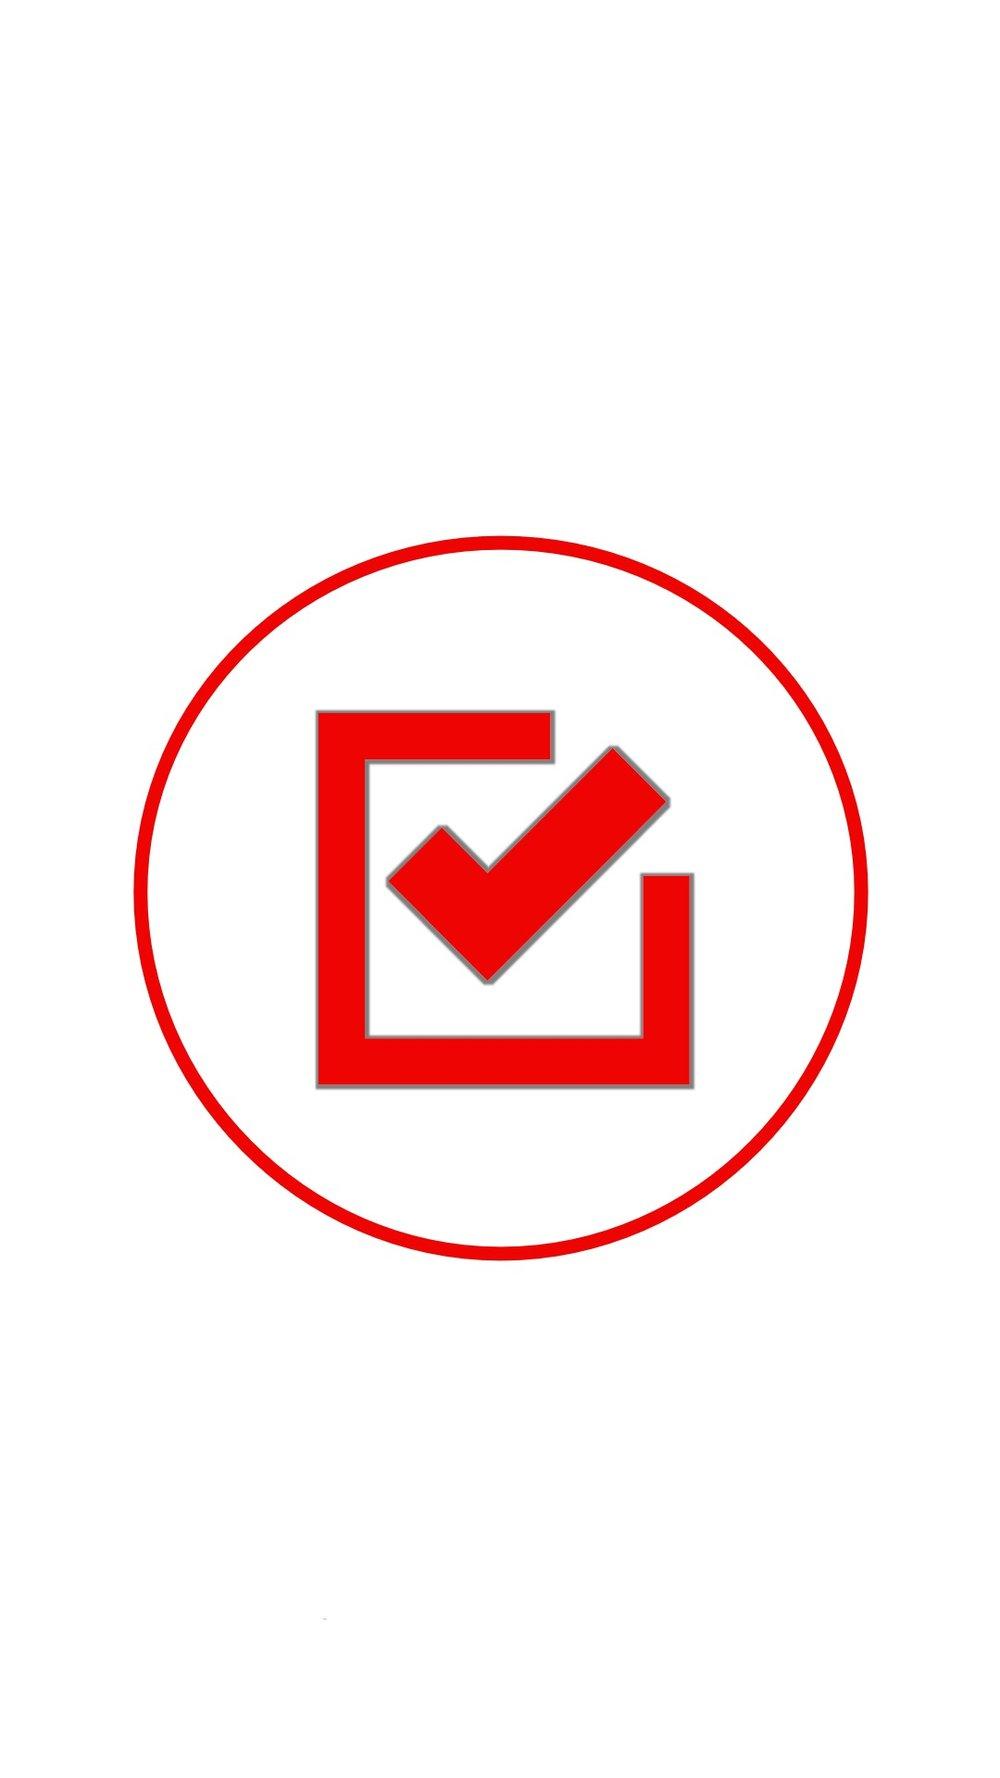 Instagram-cover-task-red-white-lotnotes.com.jpg